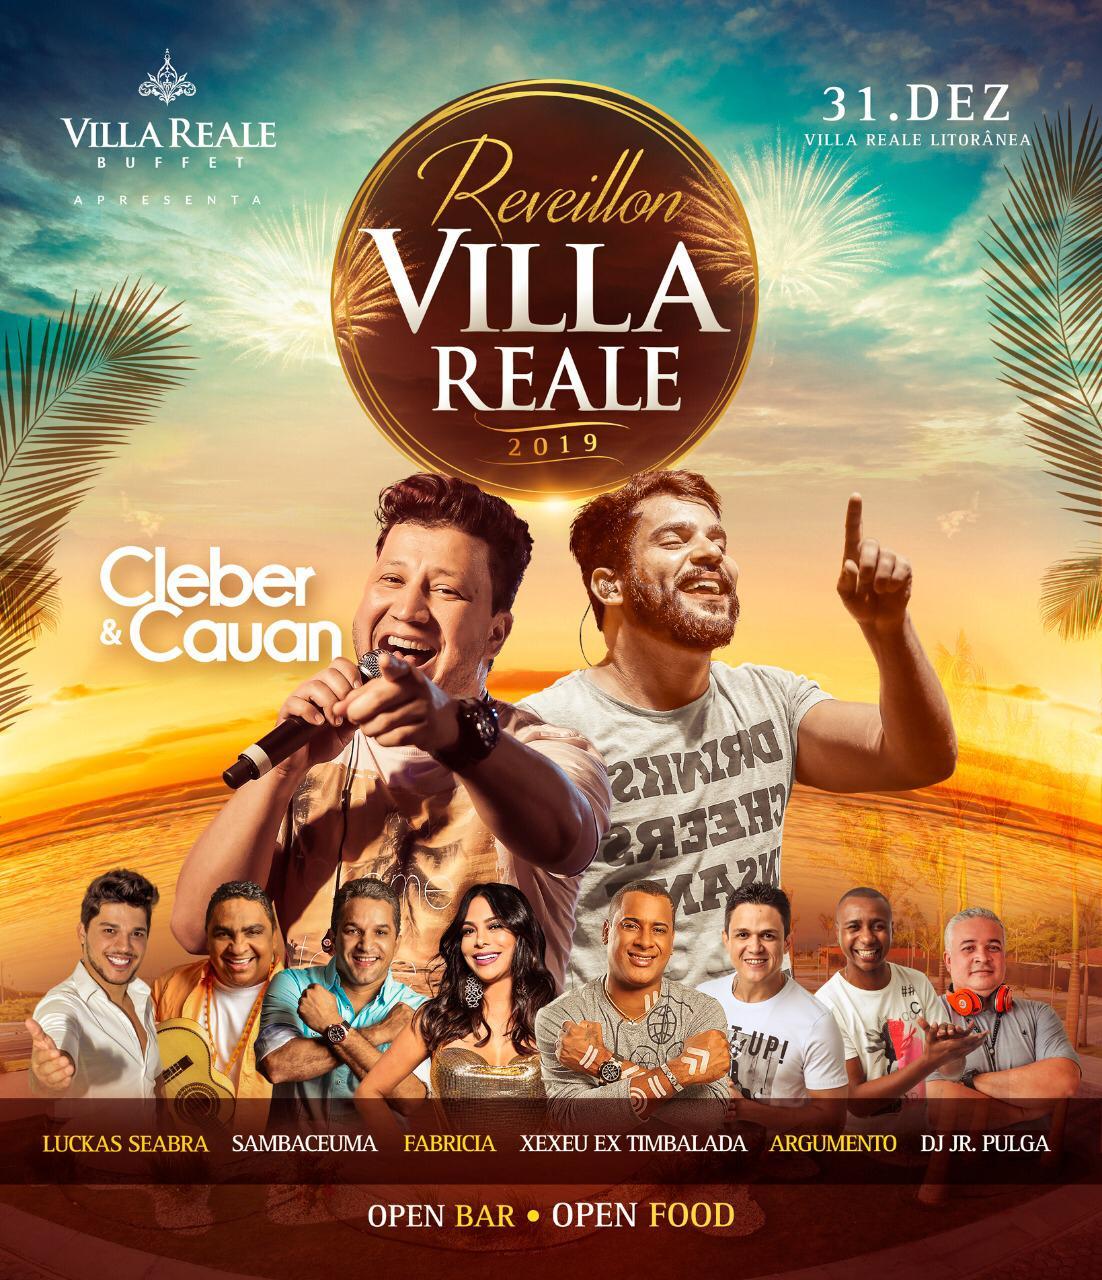 Réveillon 2019 é no Vila Realle